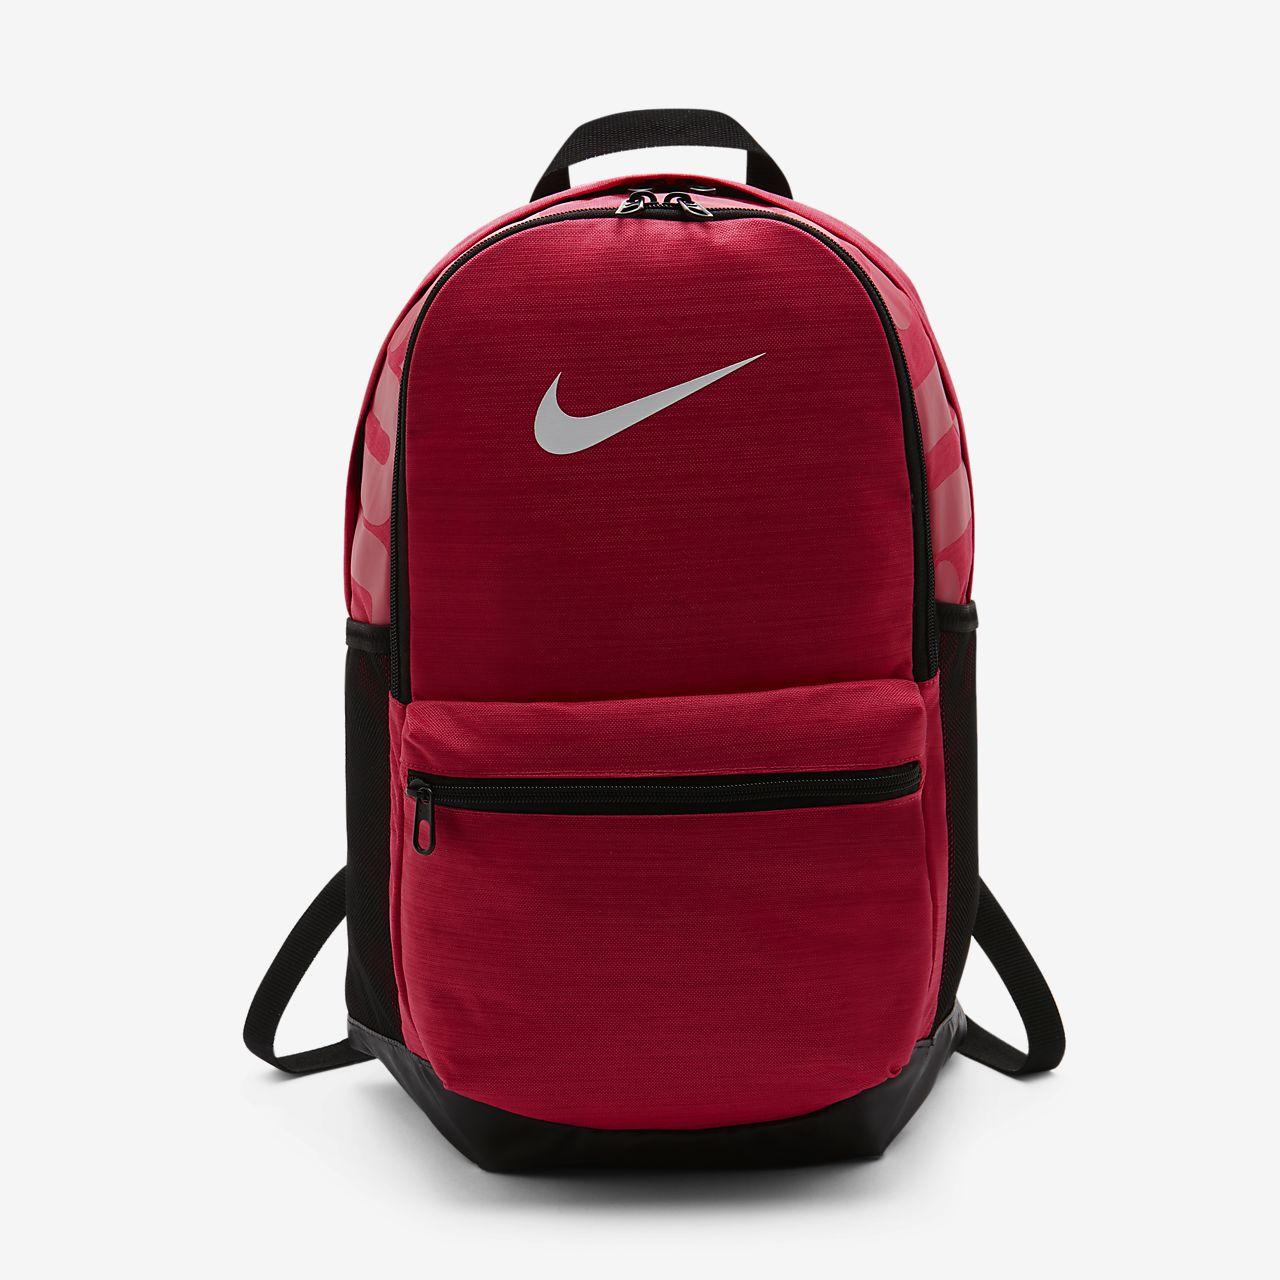 Σακίδιο προπόνησης Nike Brasilia (μέγεθος Medium)